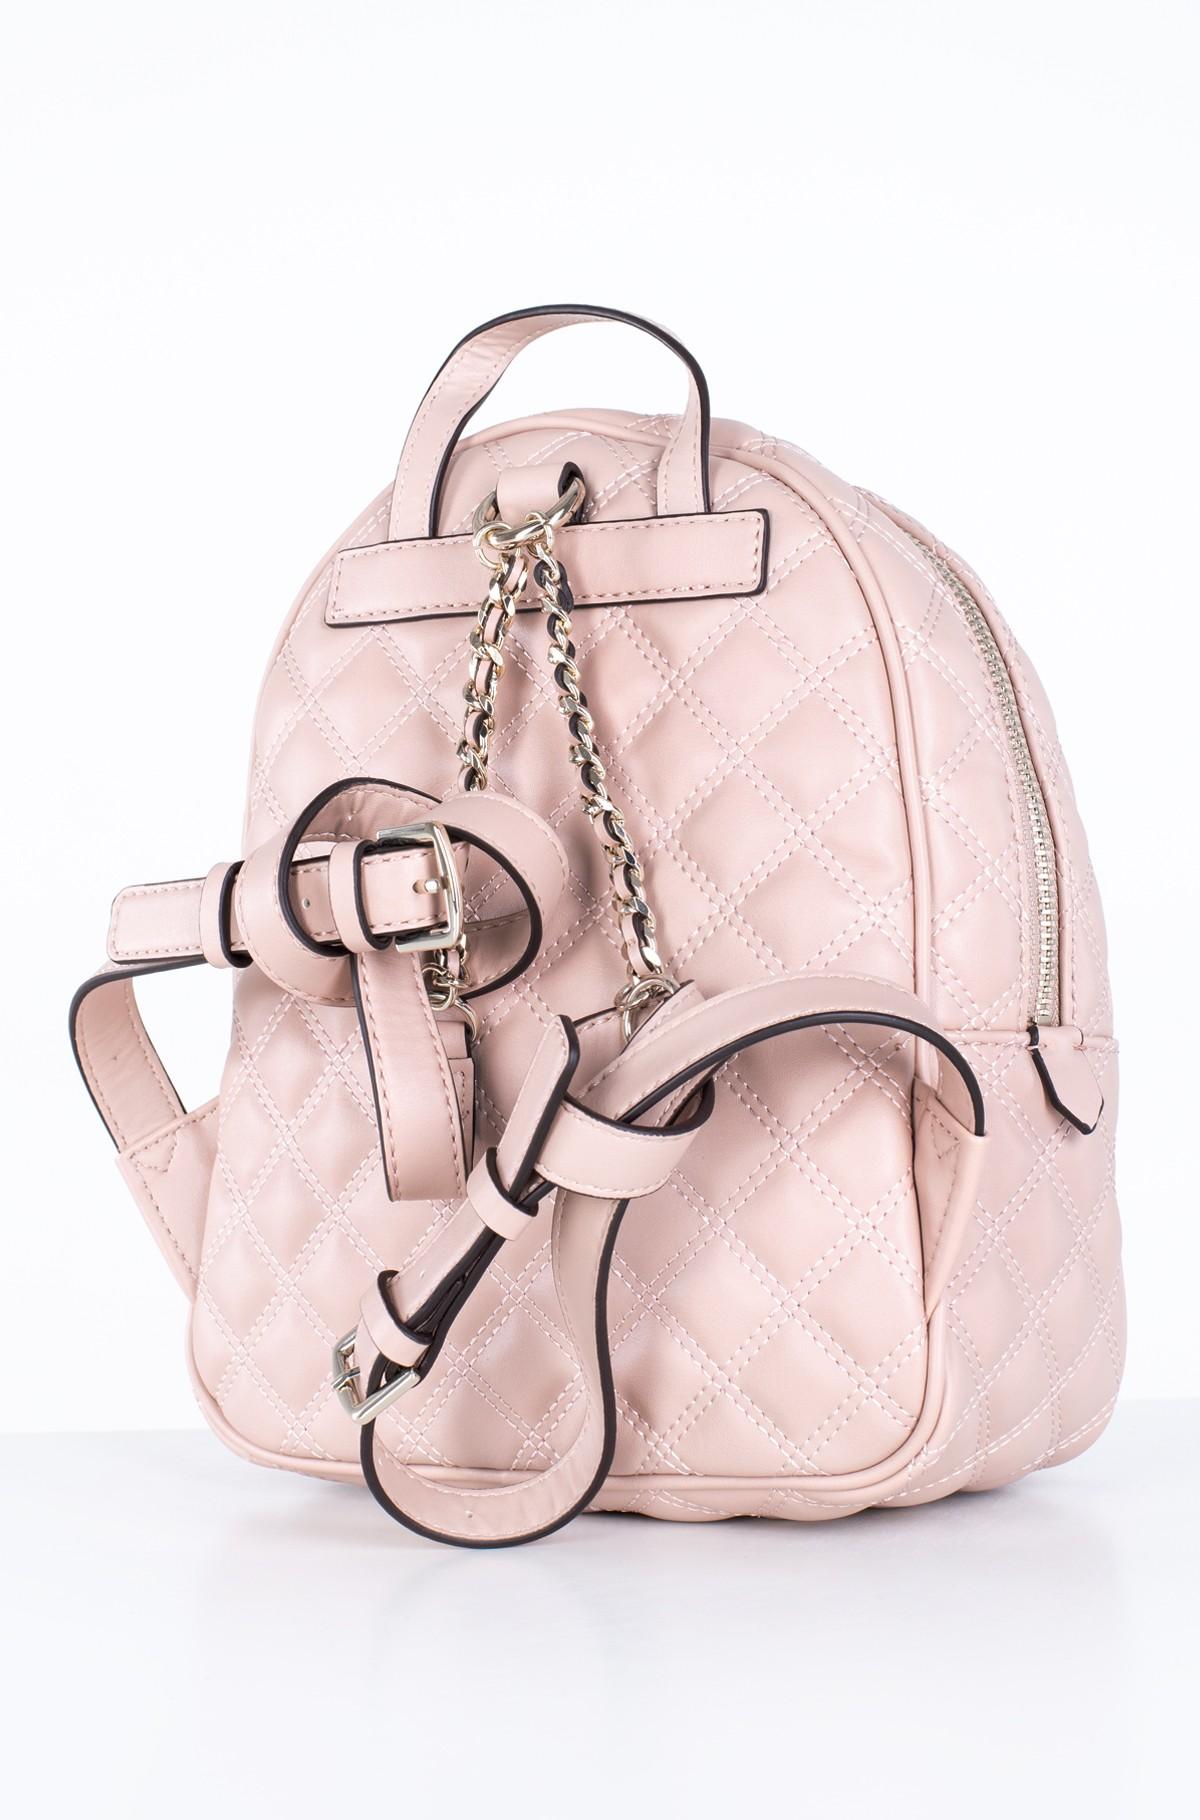 Backbag HWEV76 79320-full-3